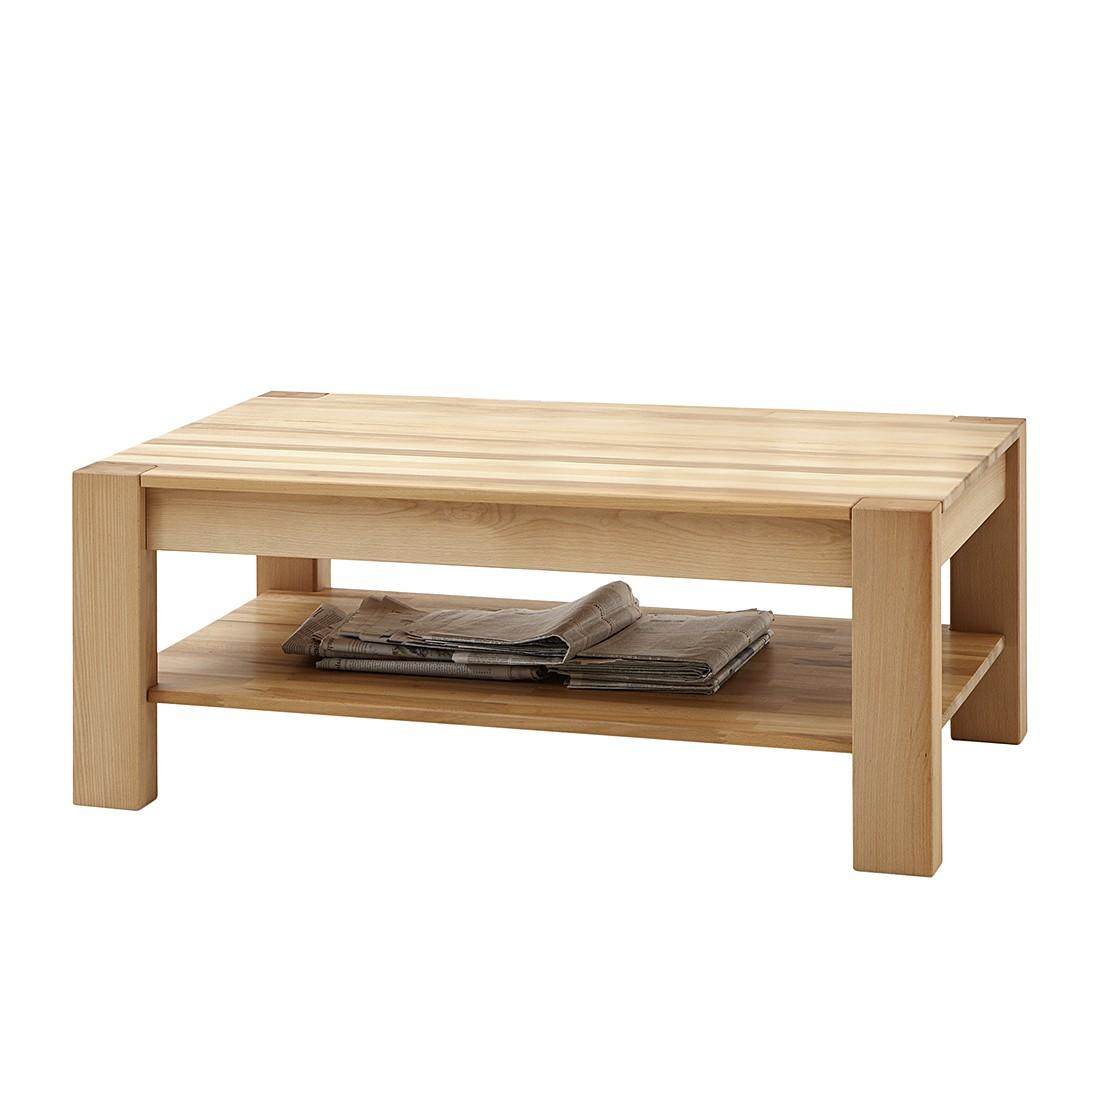 couchtisch kernbuche preisvergleich die besten angebote online kaufen. Black Bedroom Furniture Sets. Home Design Ideas